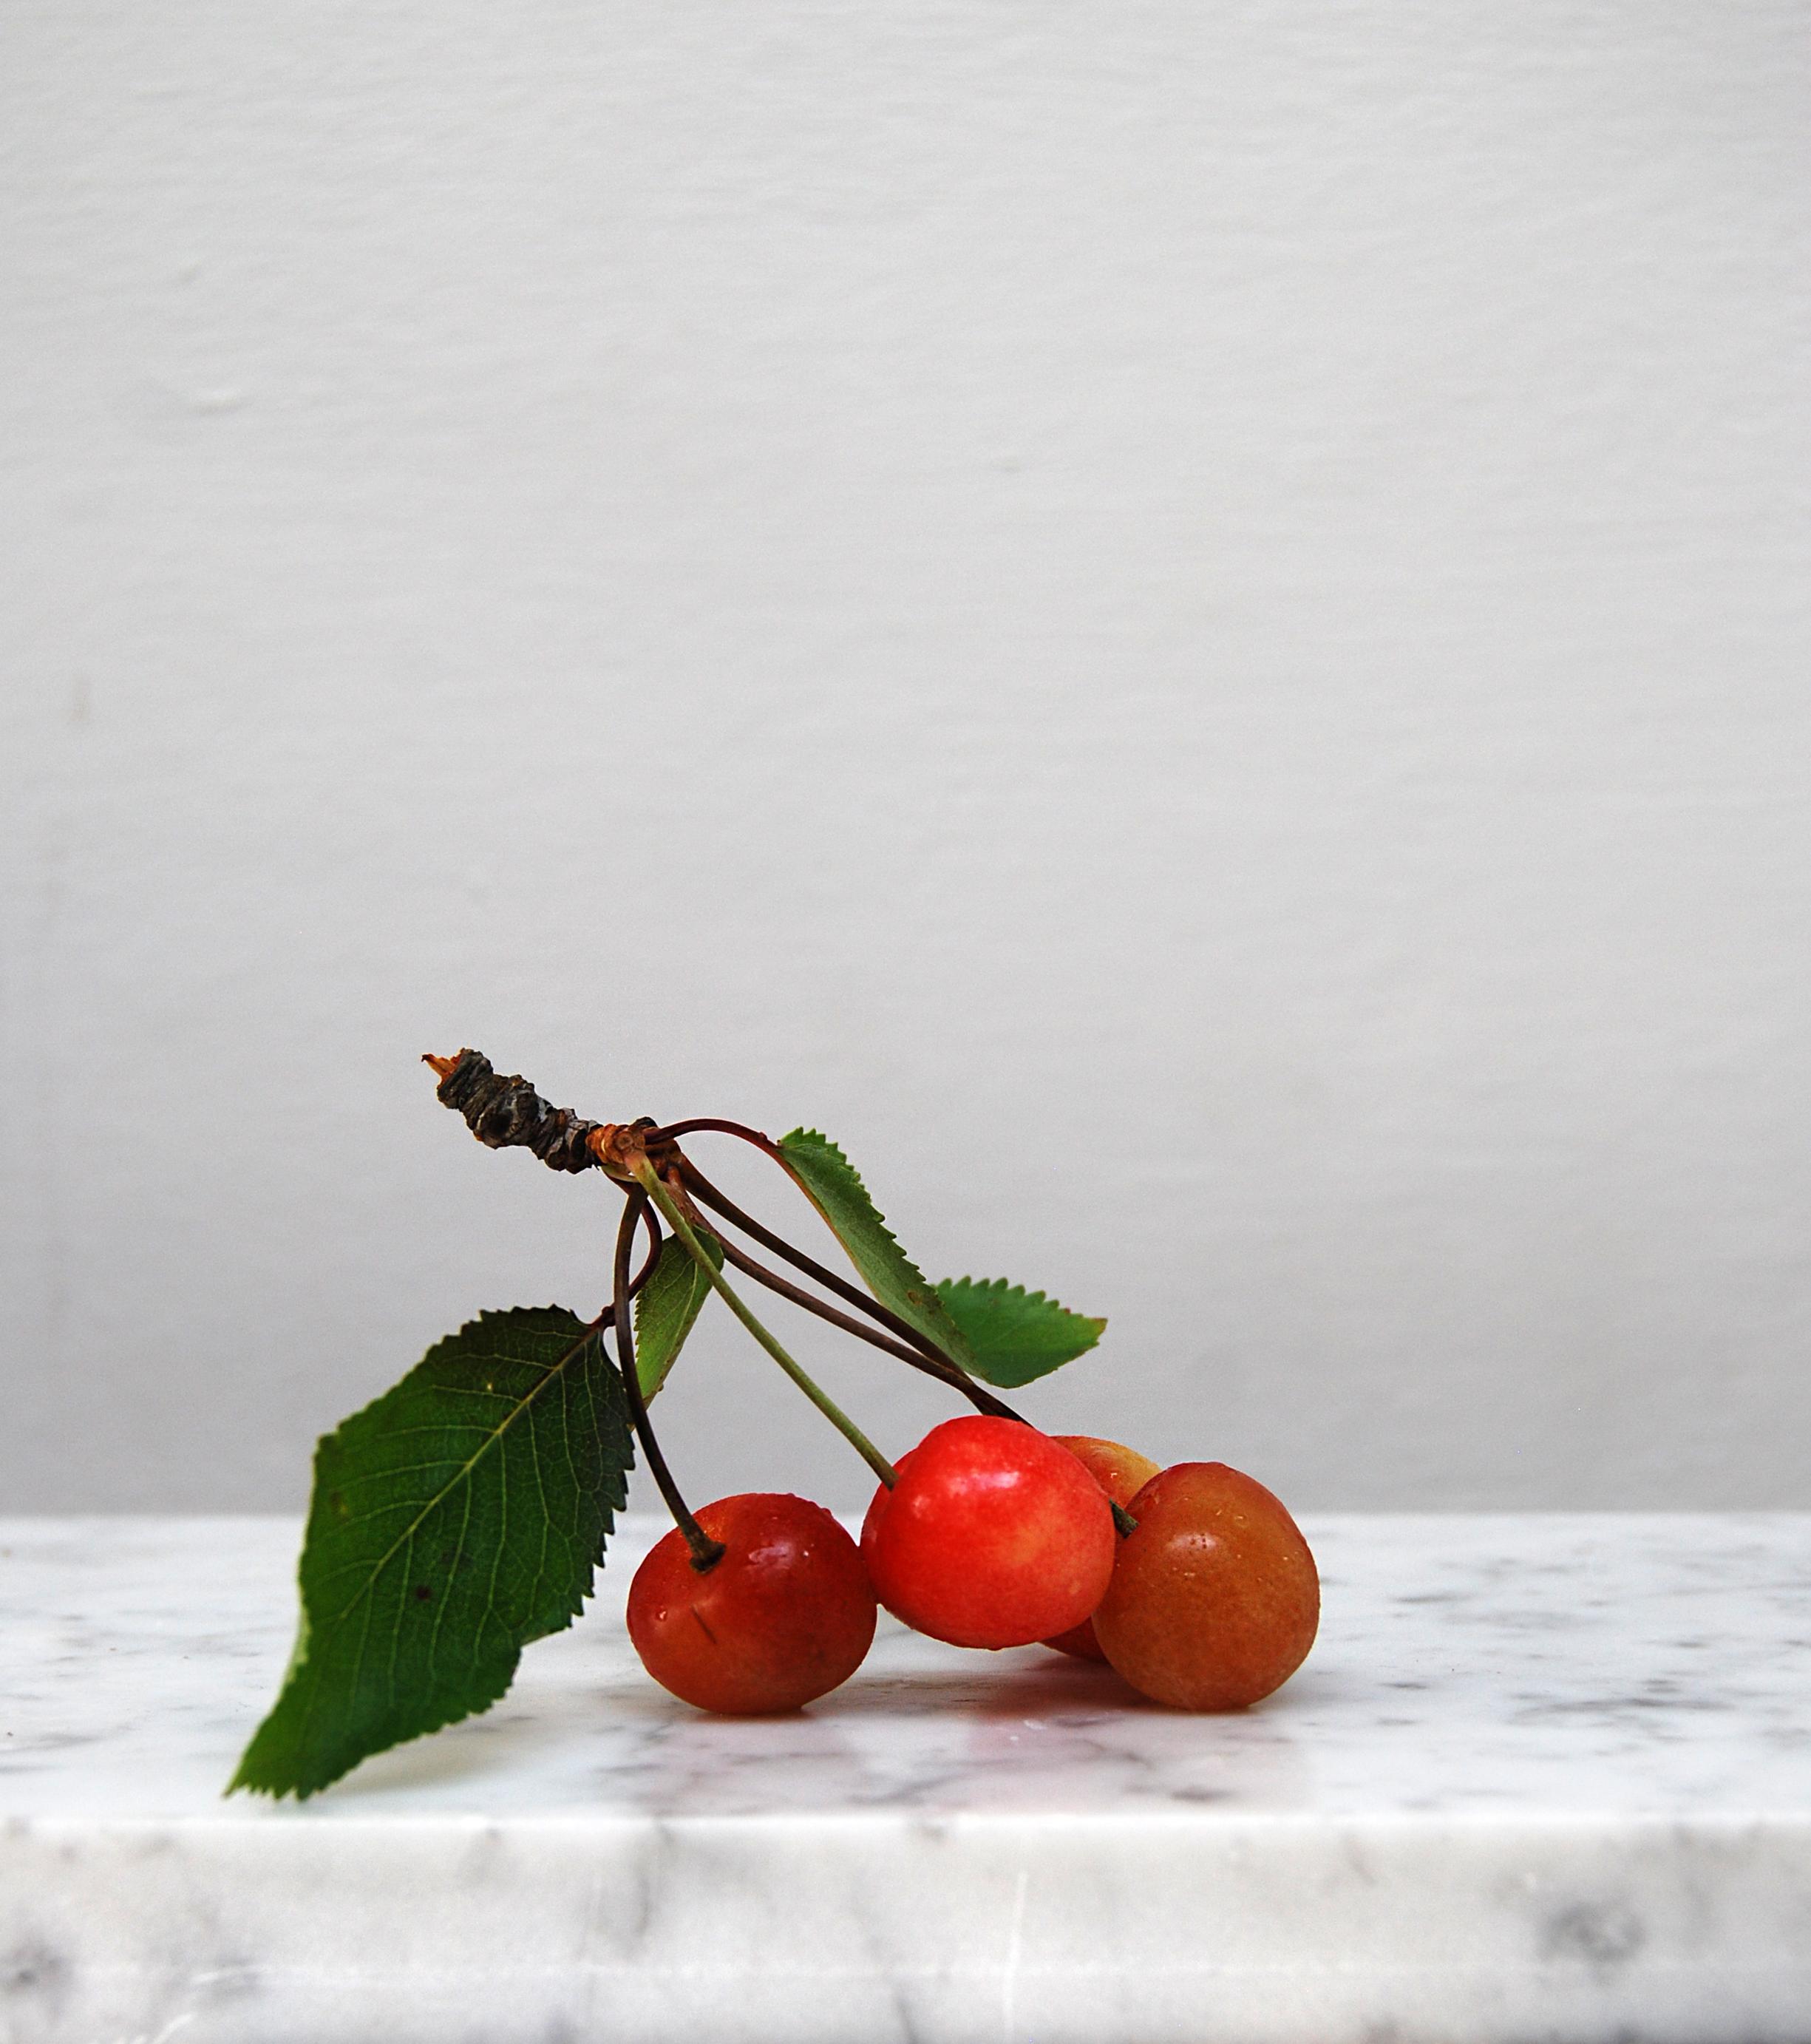 brogdale cherries.jpg